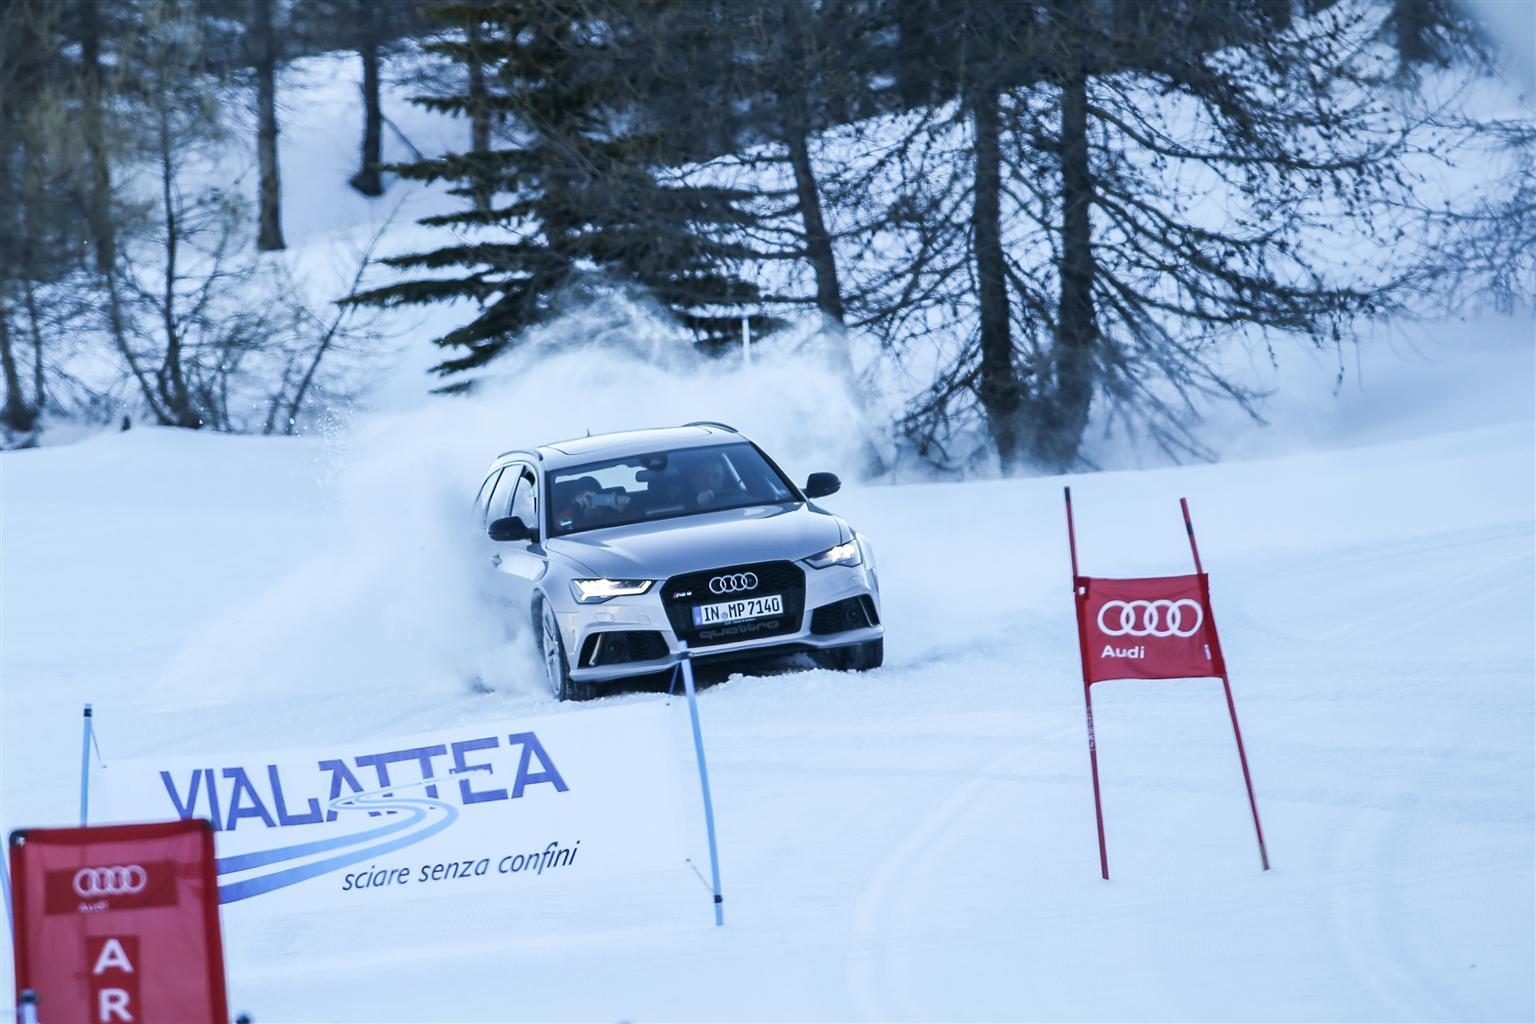 Audi conferma Vialattea Home of quattro